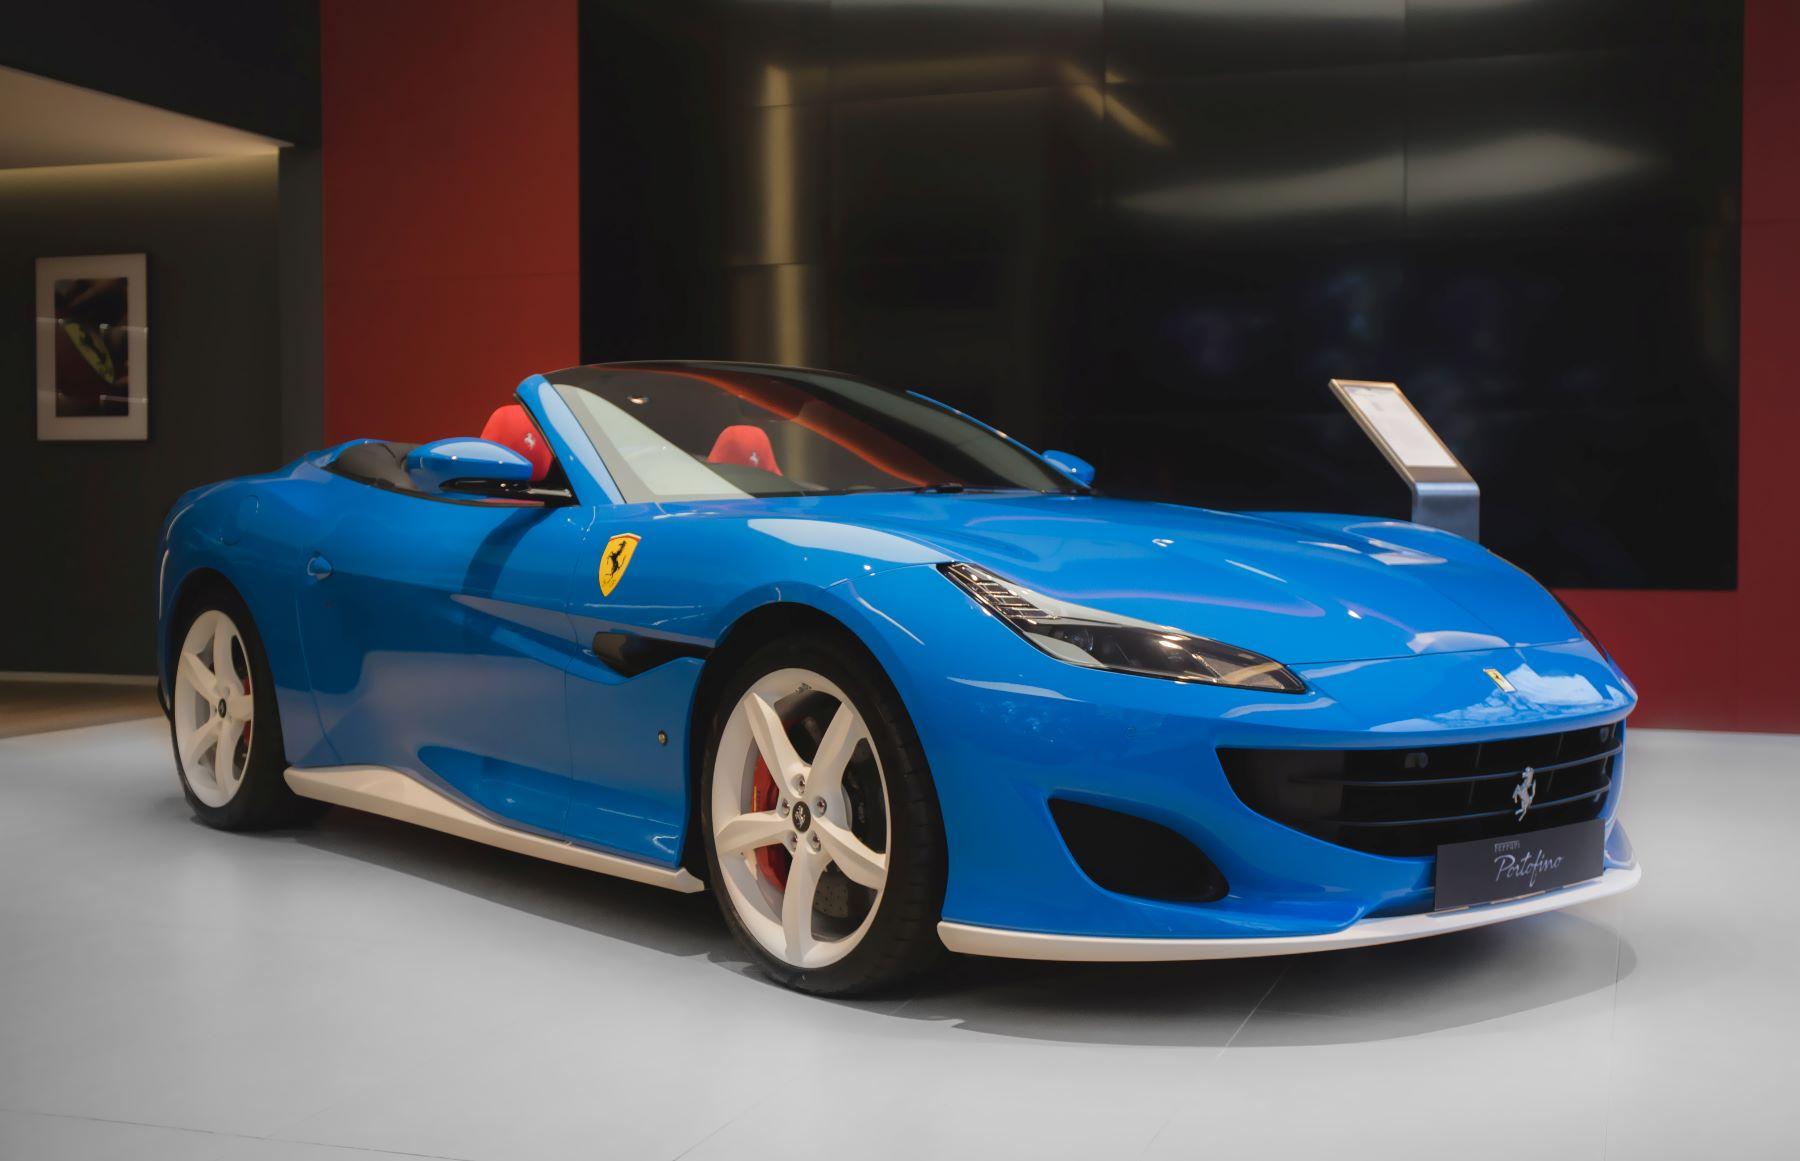 The Ferrari Portofino in Berkeley Square, London, England